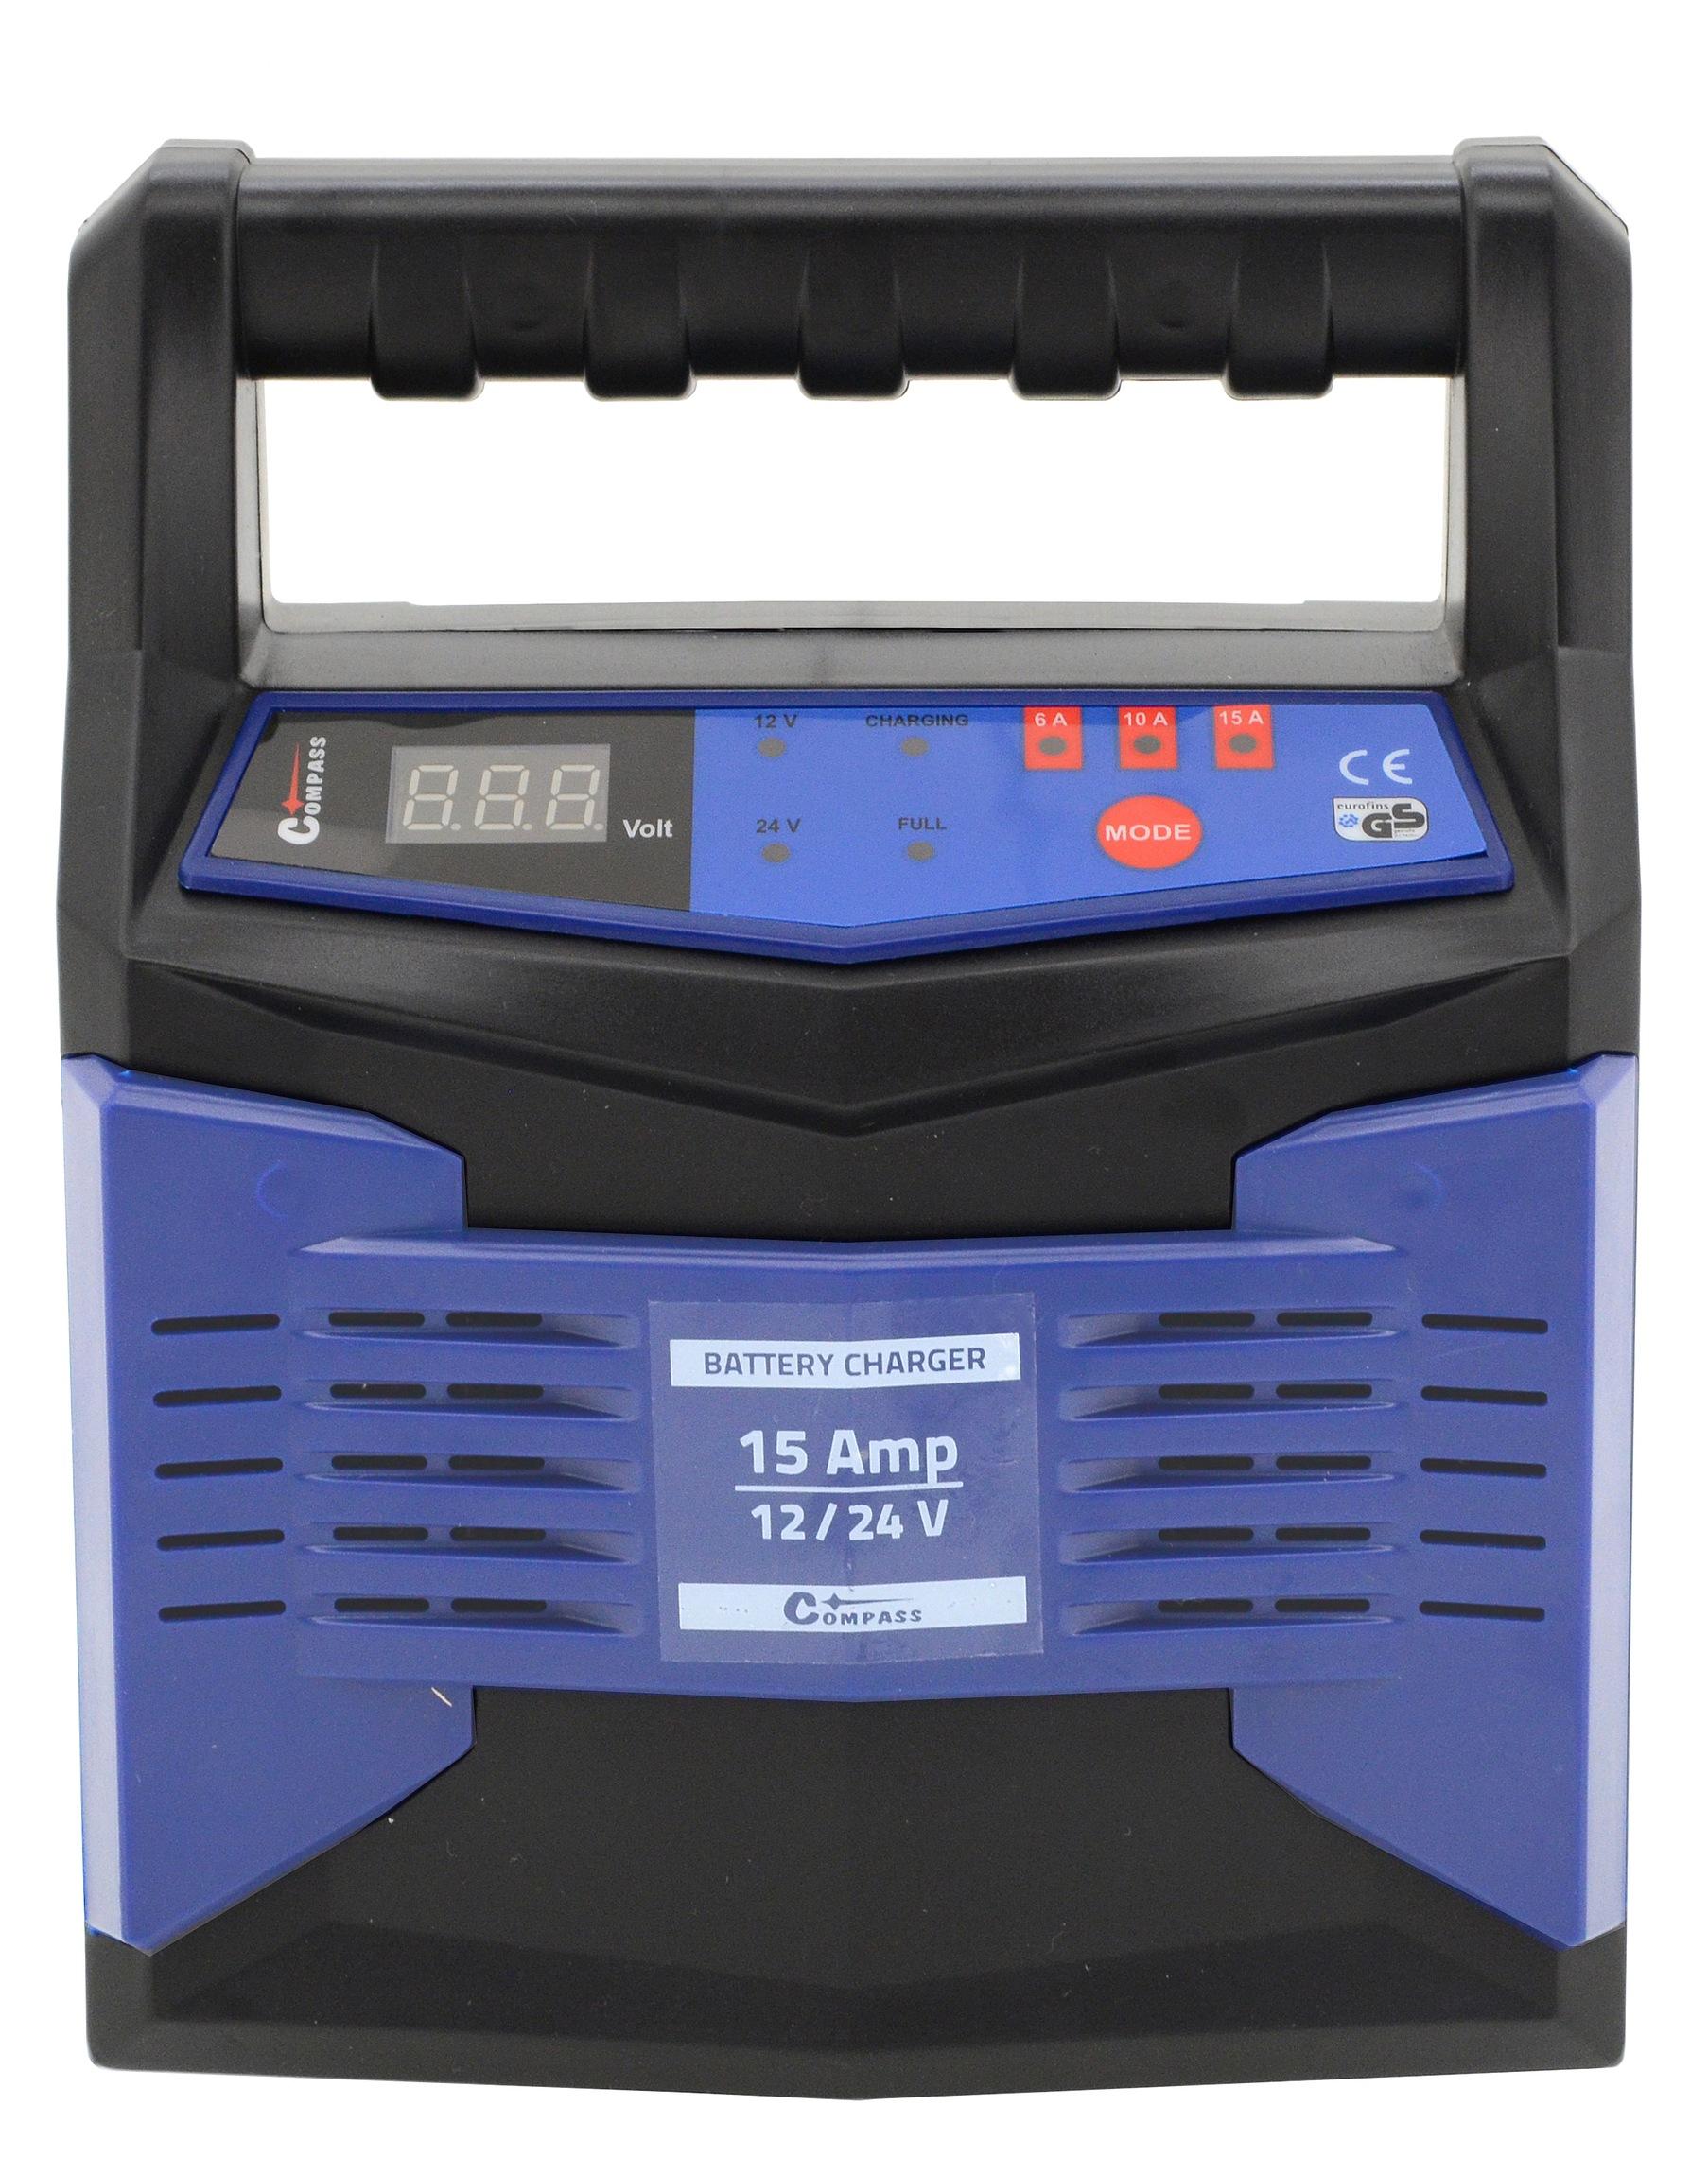 Nabíječka mikroprocesor 15Amp 12/24V PB/GEL LCD display